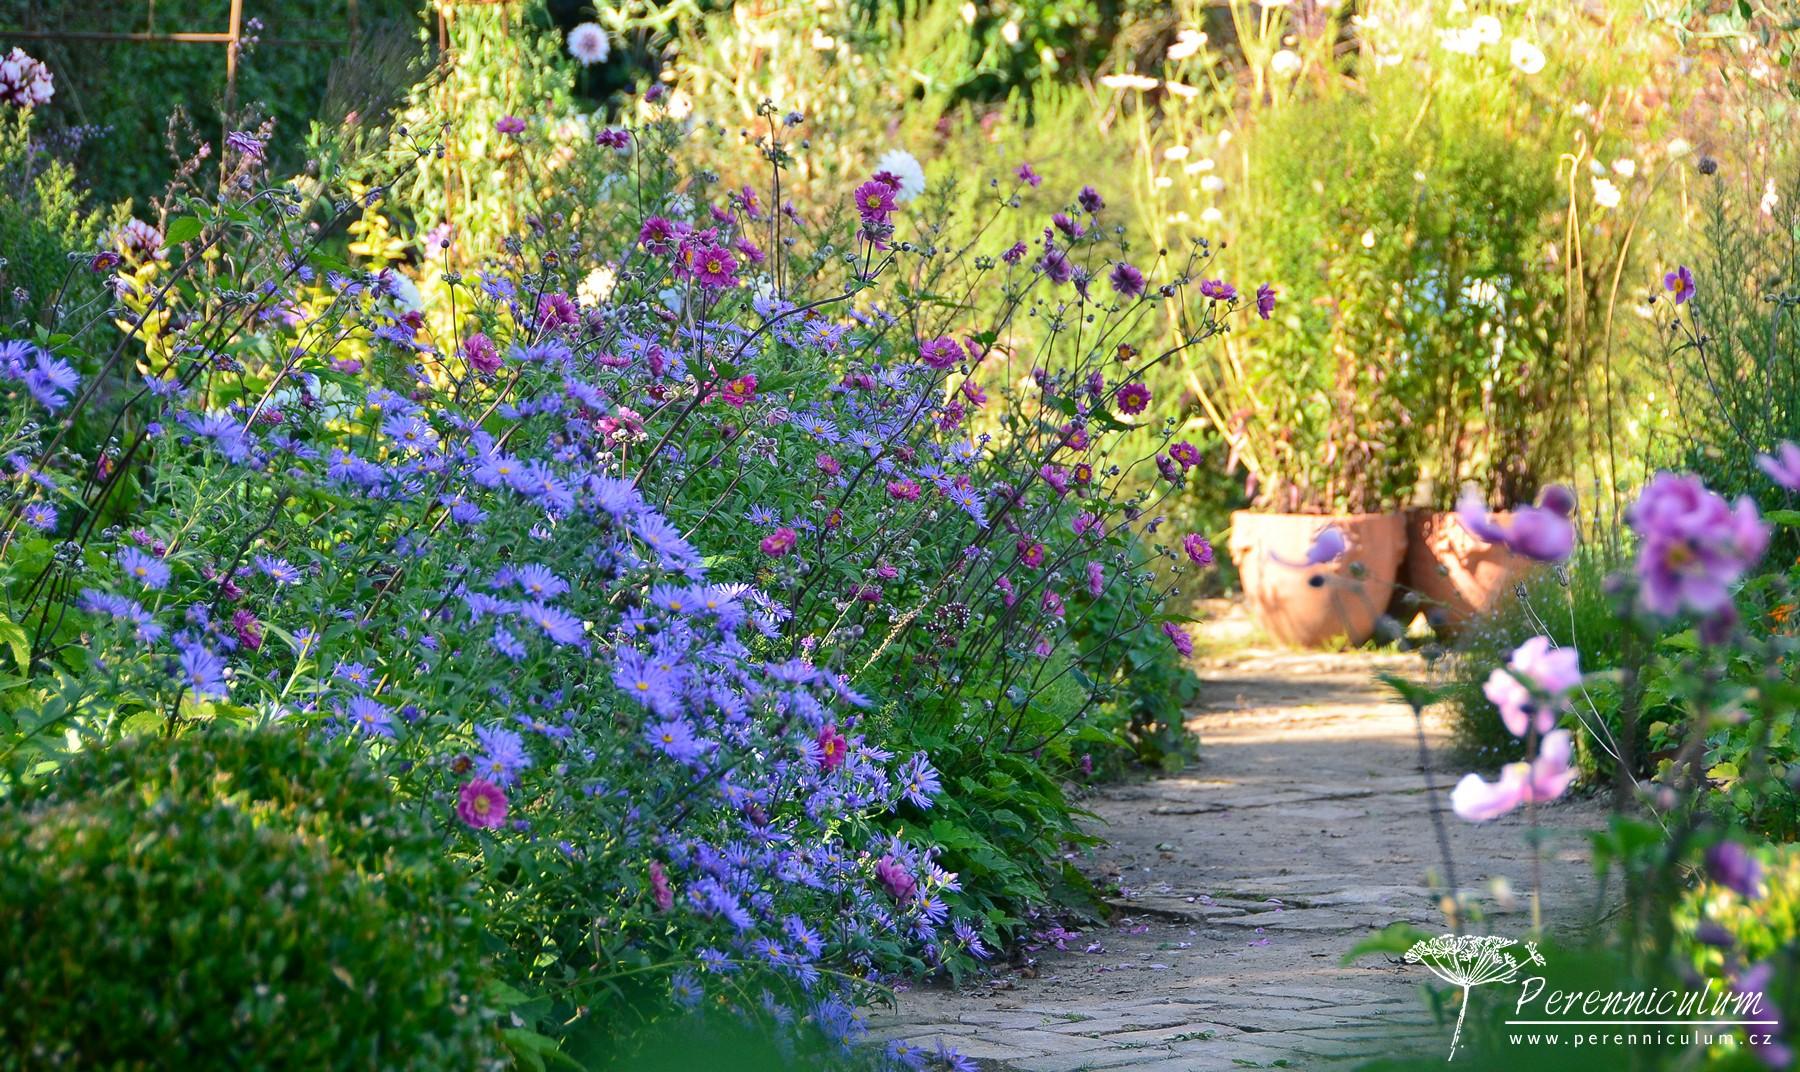 Květinová zahrada nabízí různé květy v průběhu celého roku.